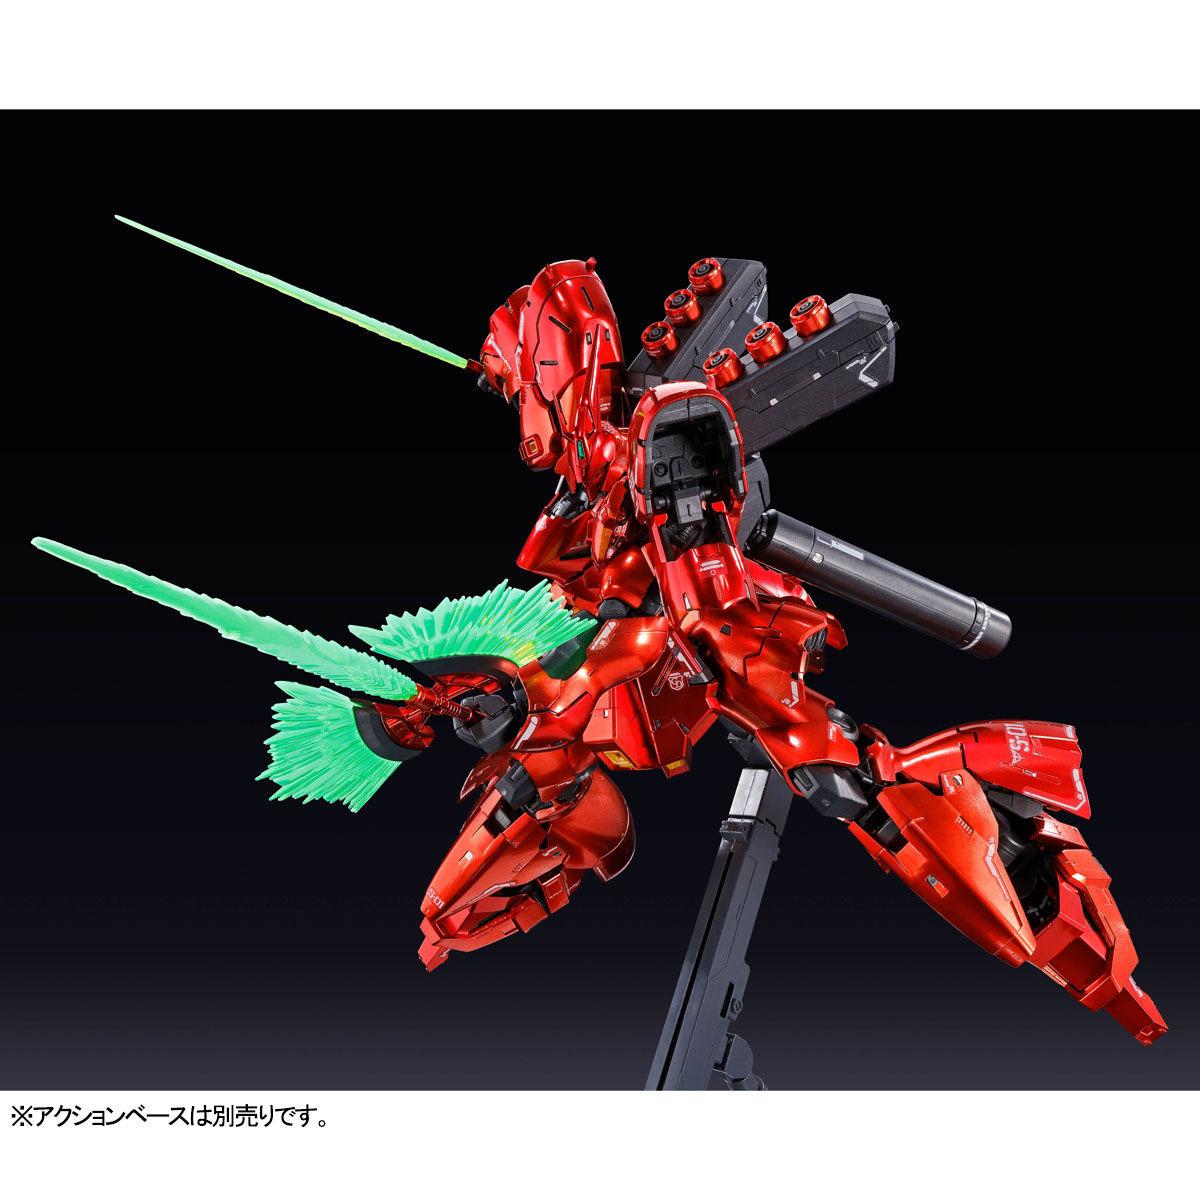 RG 1/144『サザビー[スペシャルコーティング]』機動戦士ガンダム 逆襲のシャア プラモデル-005